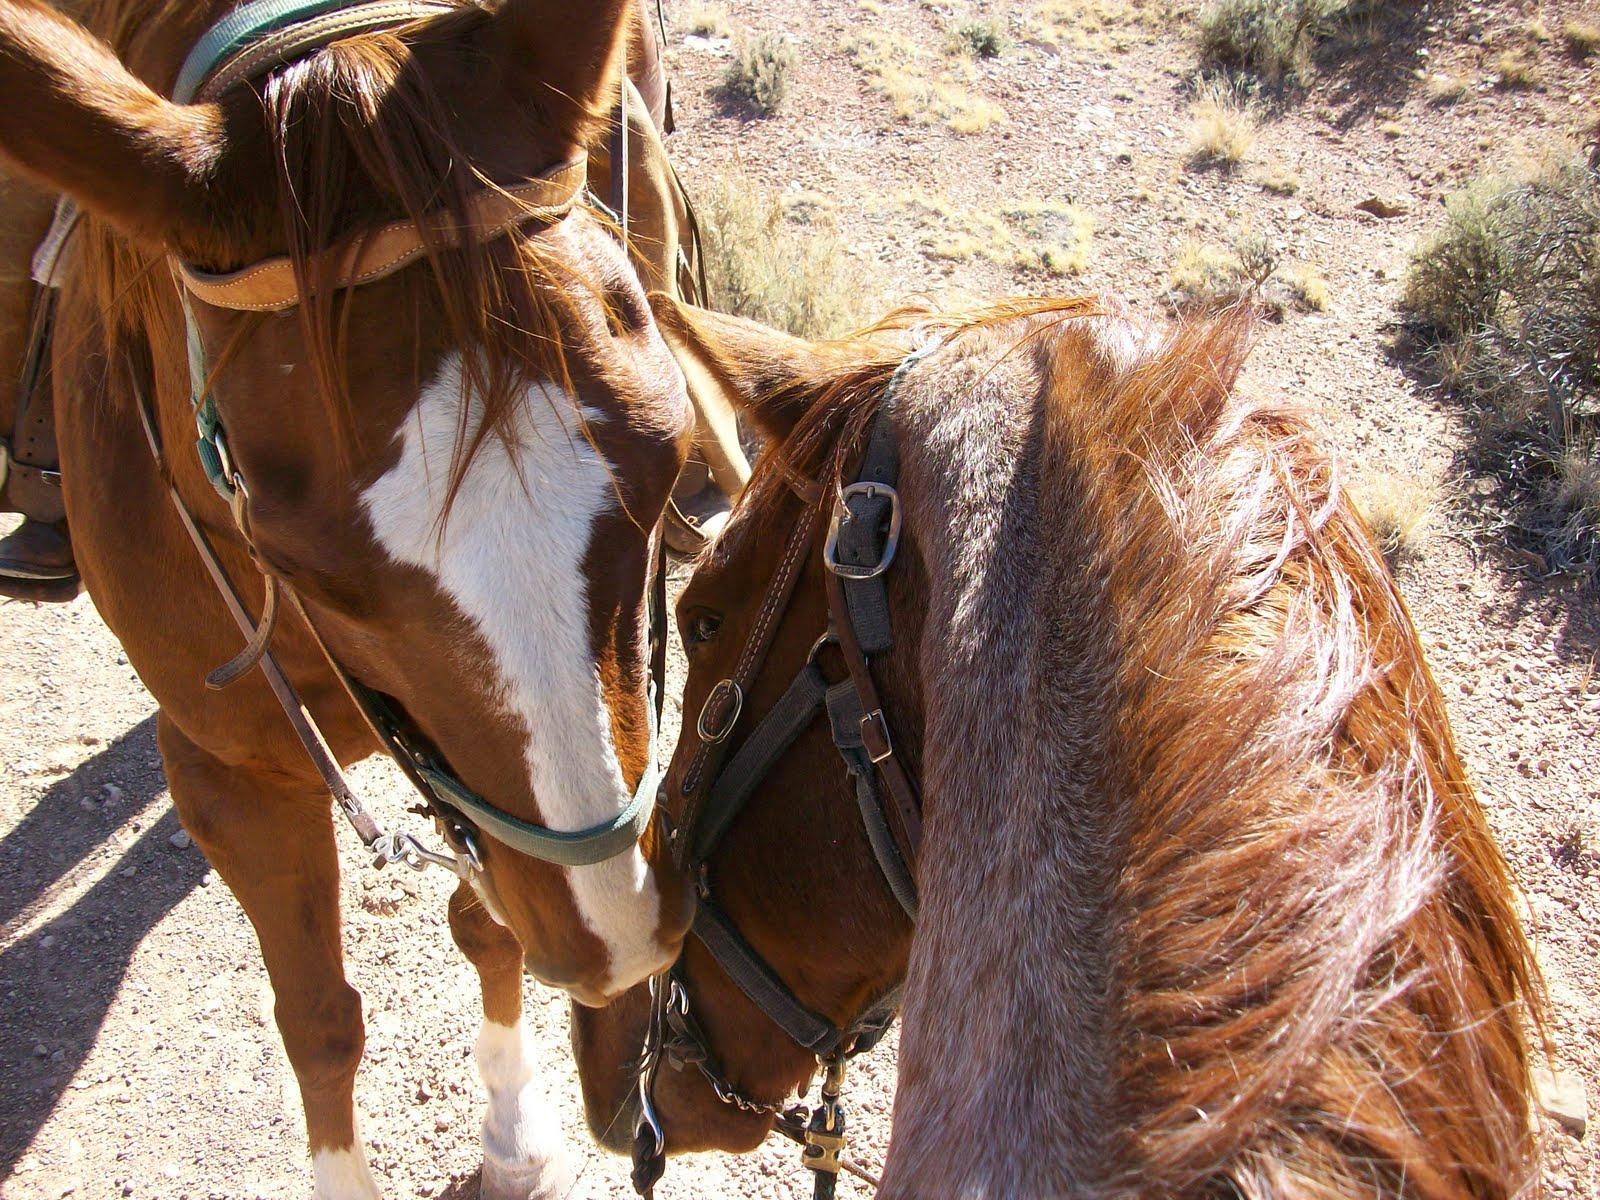 Horses playing tug o' war!